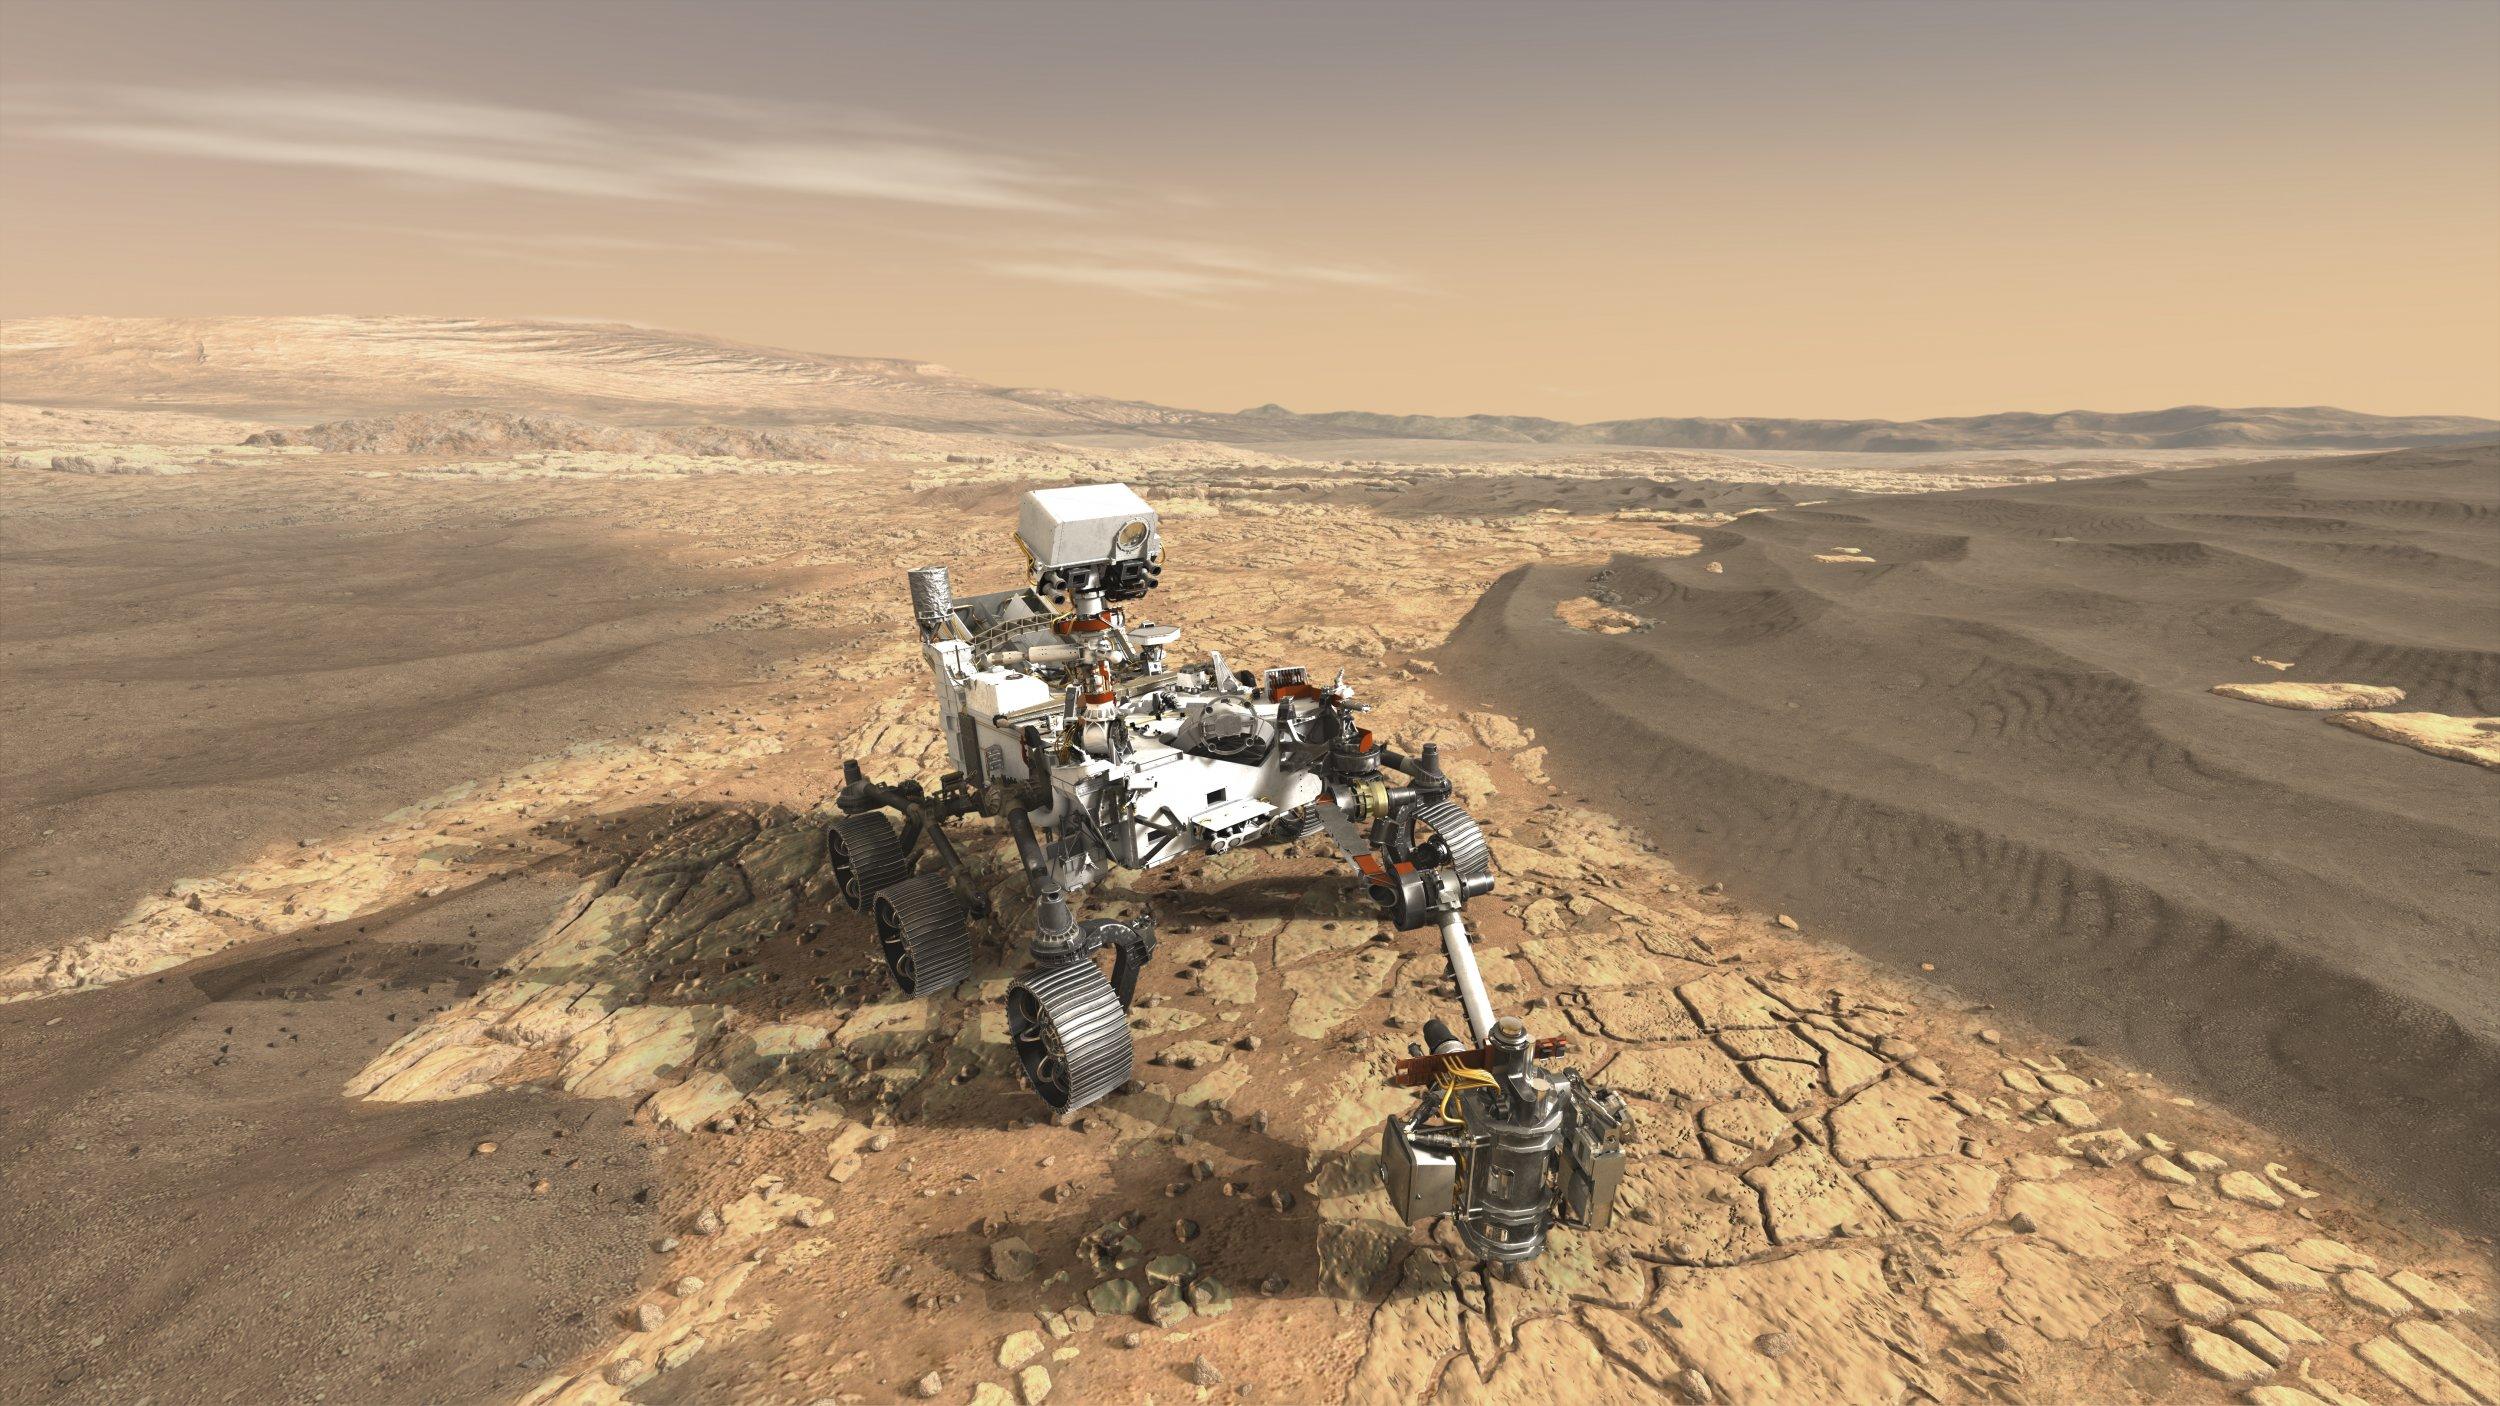 Mars 2020 rover, NASA